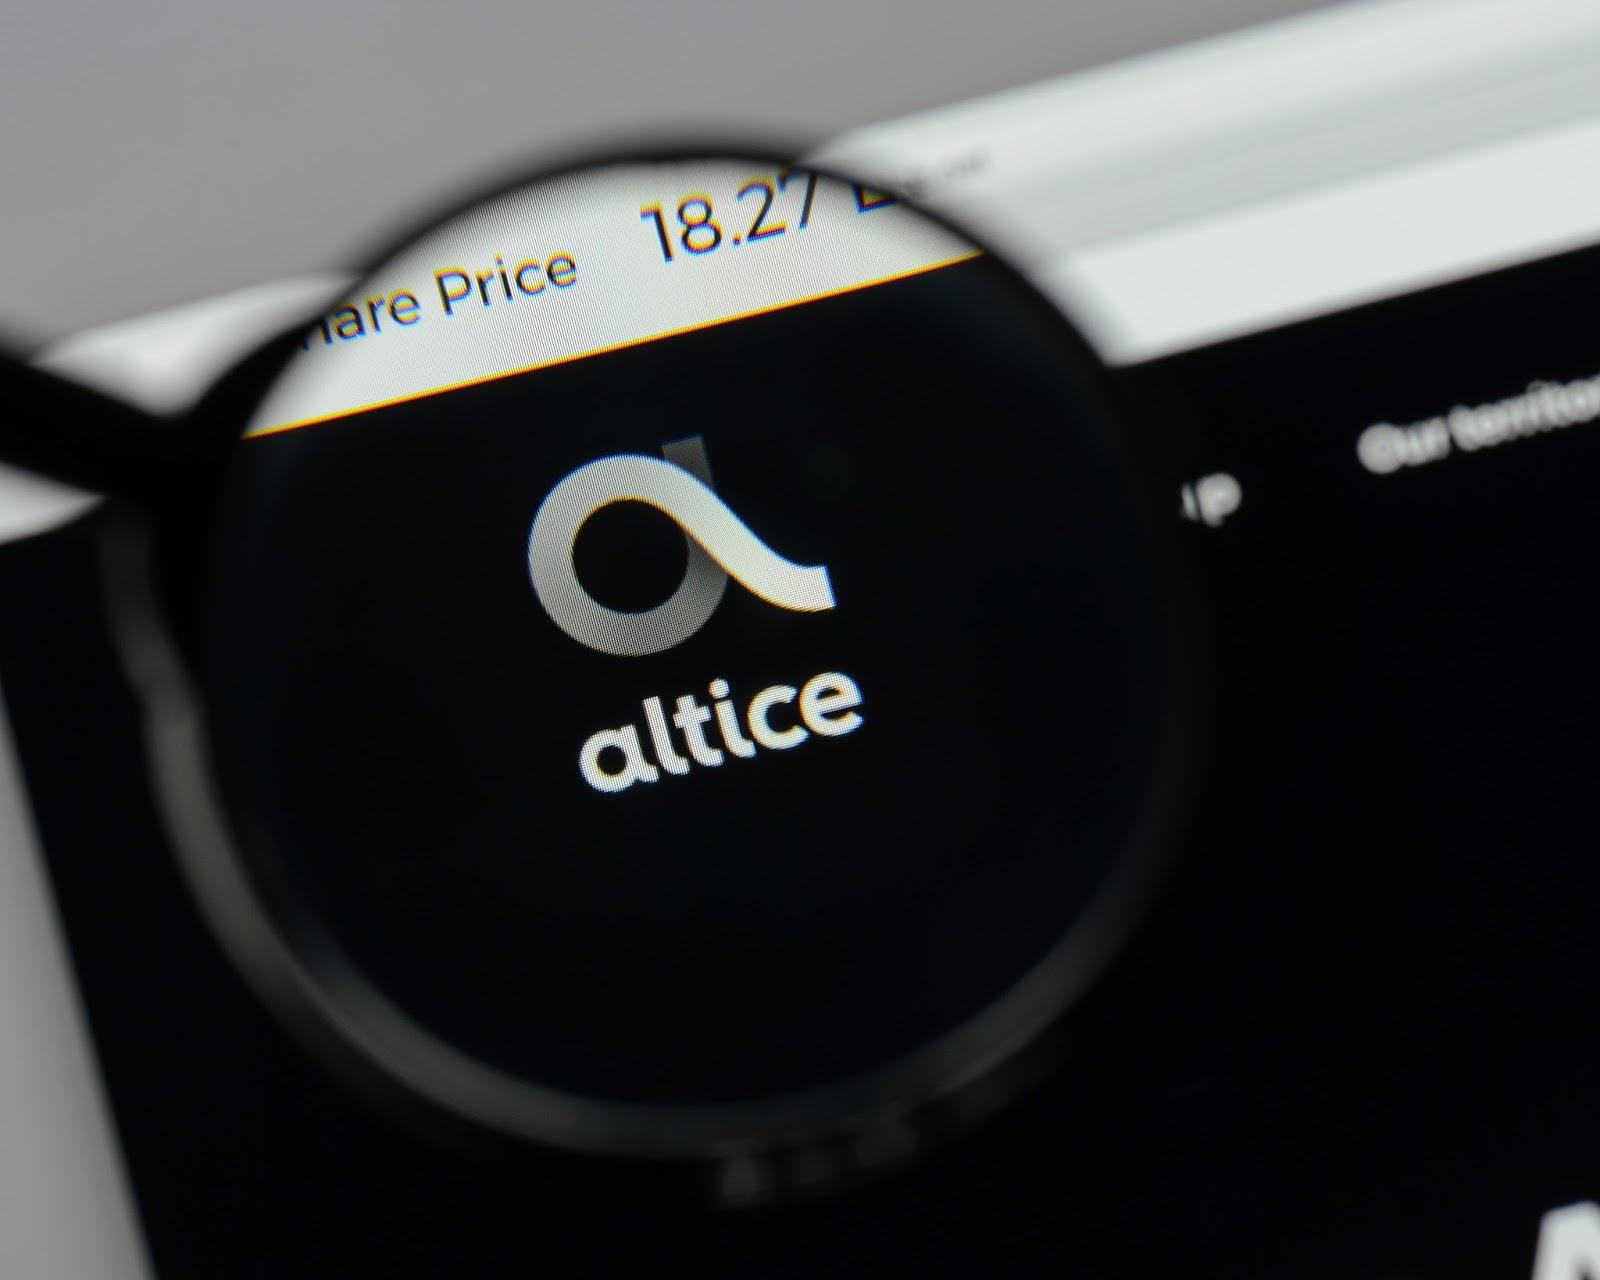 Altice Website